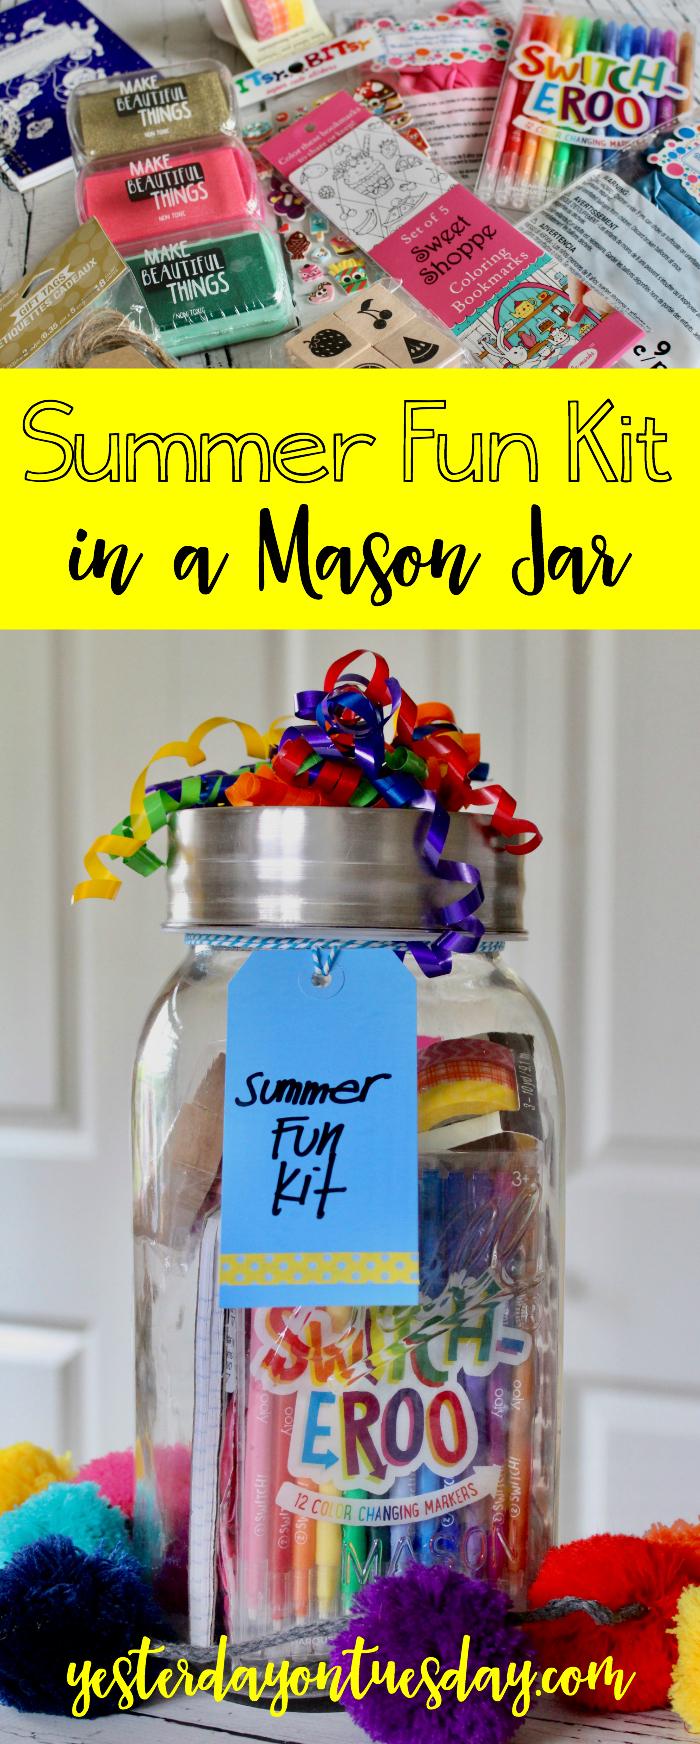 Summer Fun Kit in a Mason Jar